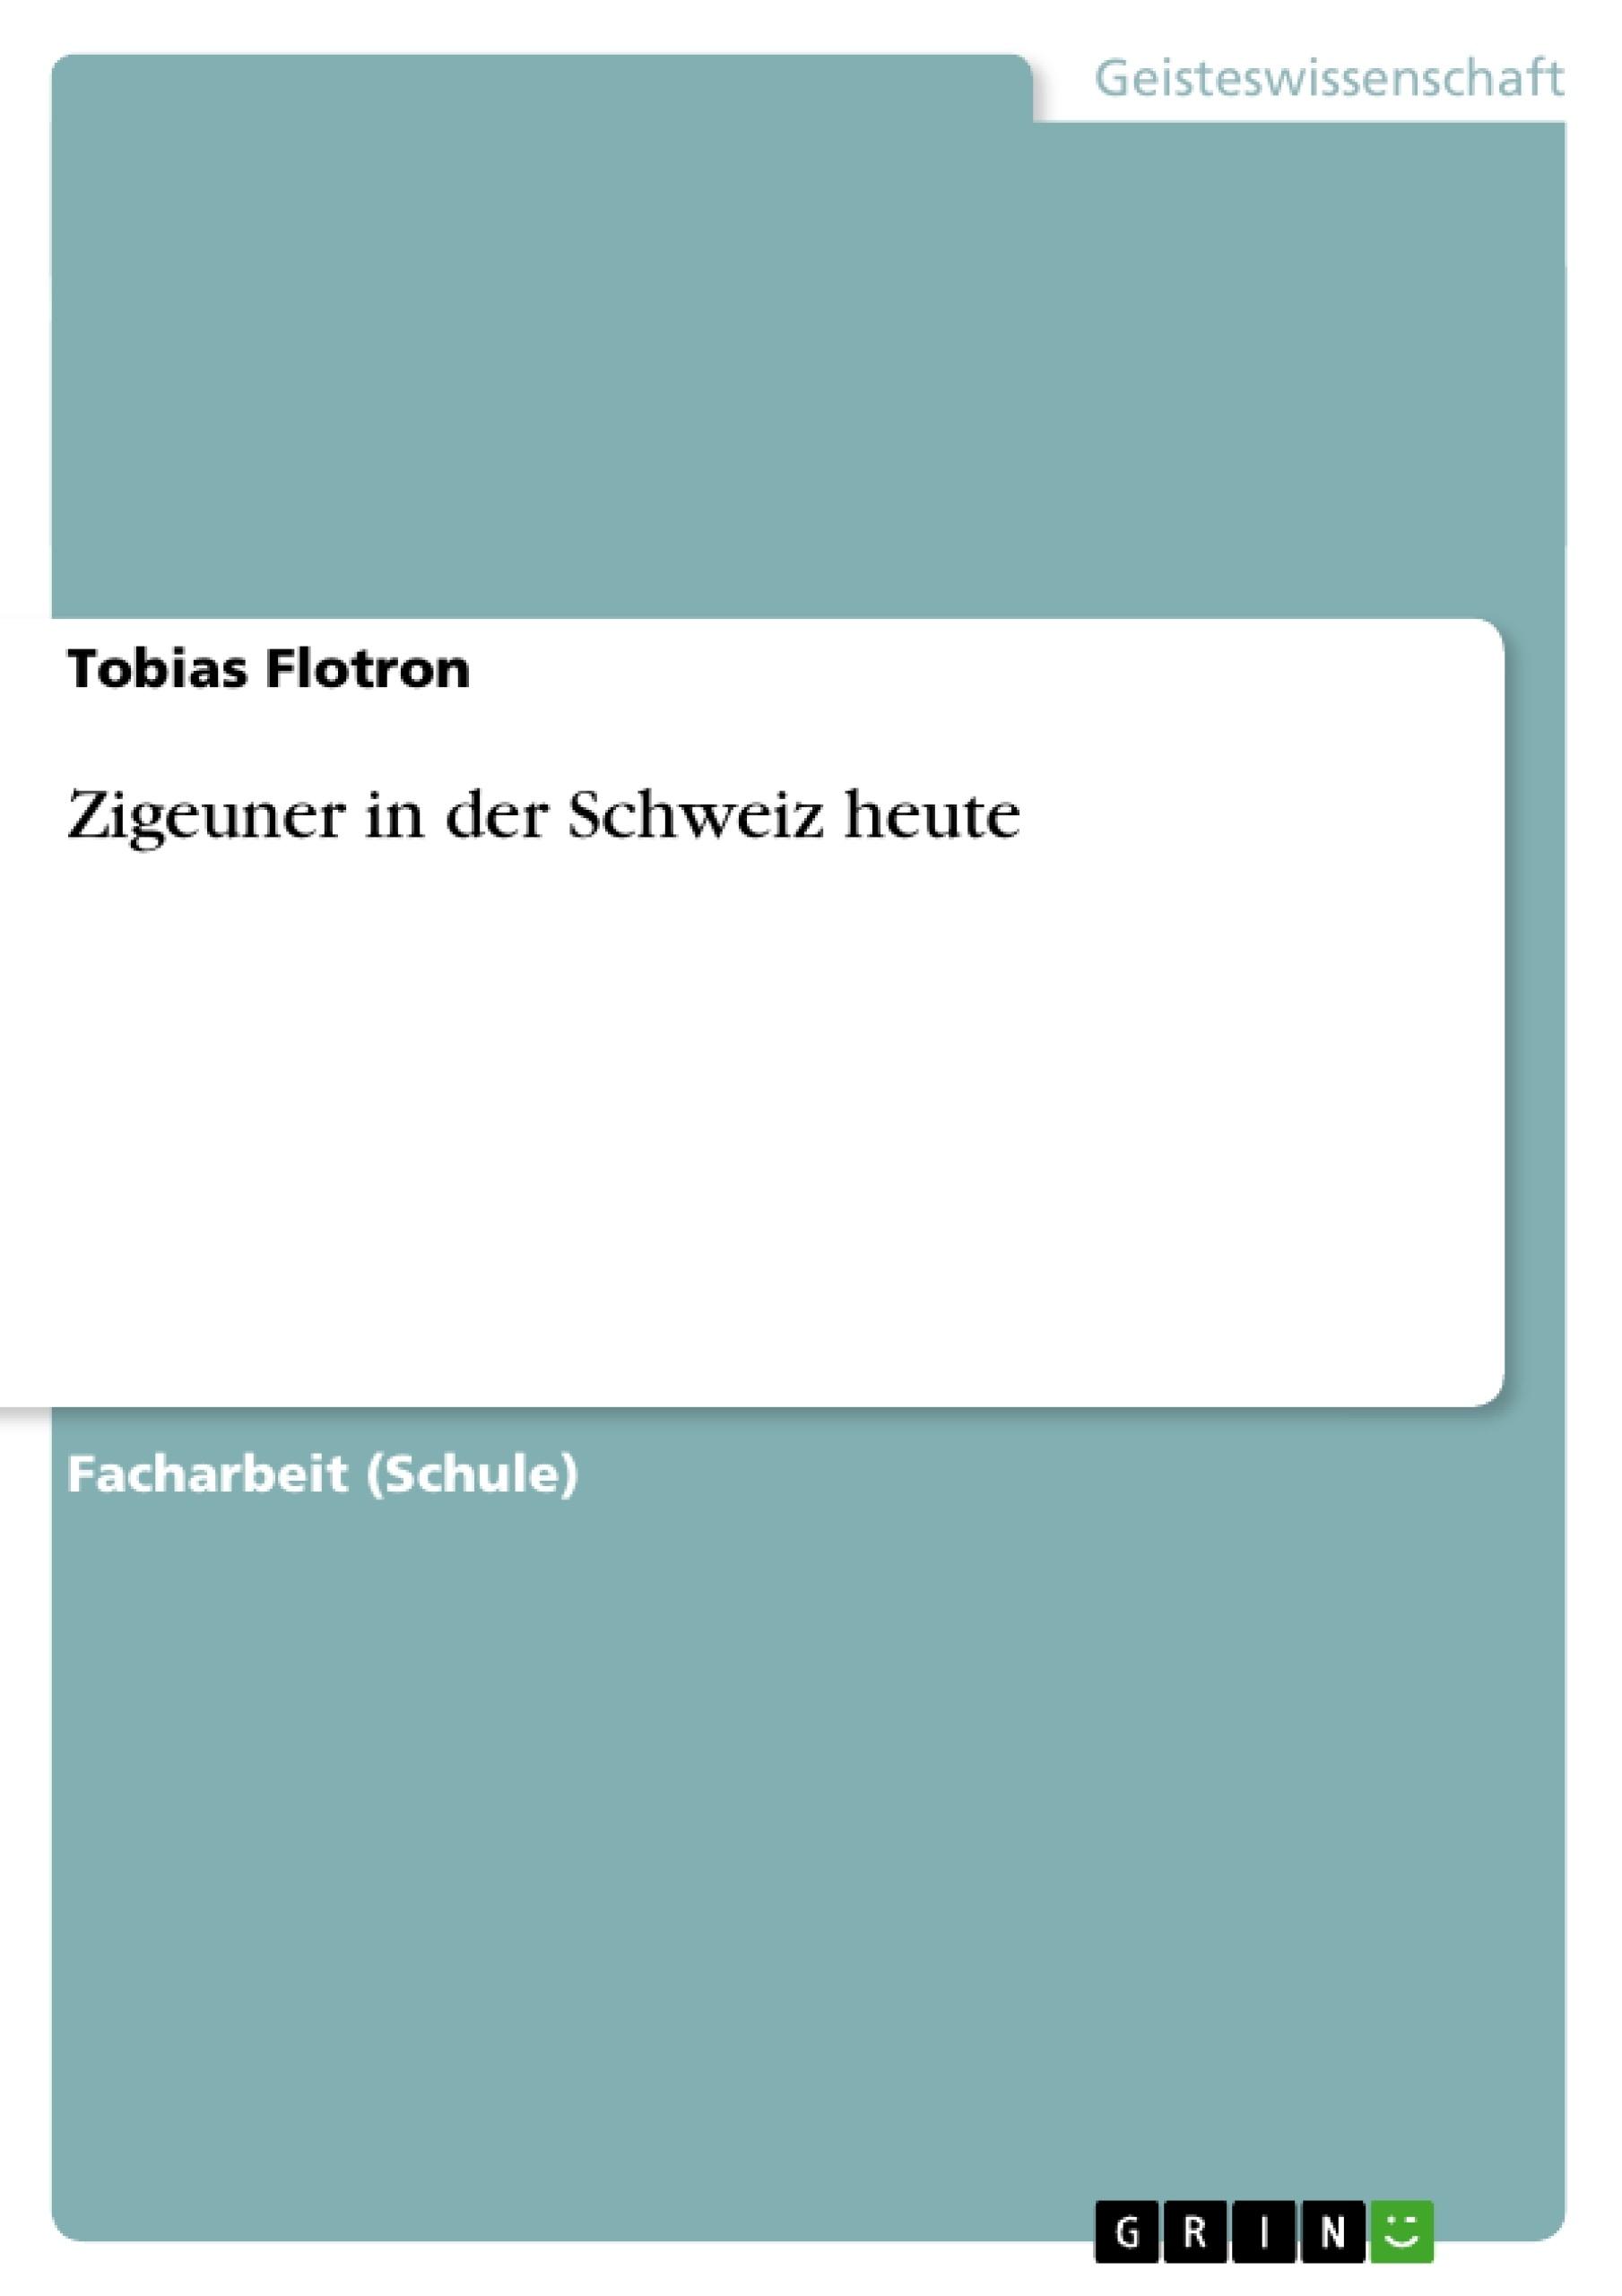 Titel: Zigeuner in der Schweiz heute